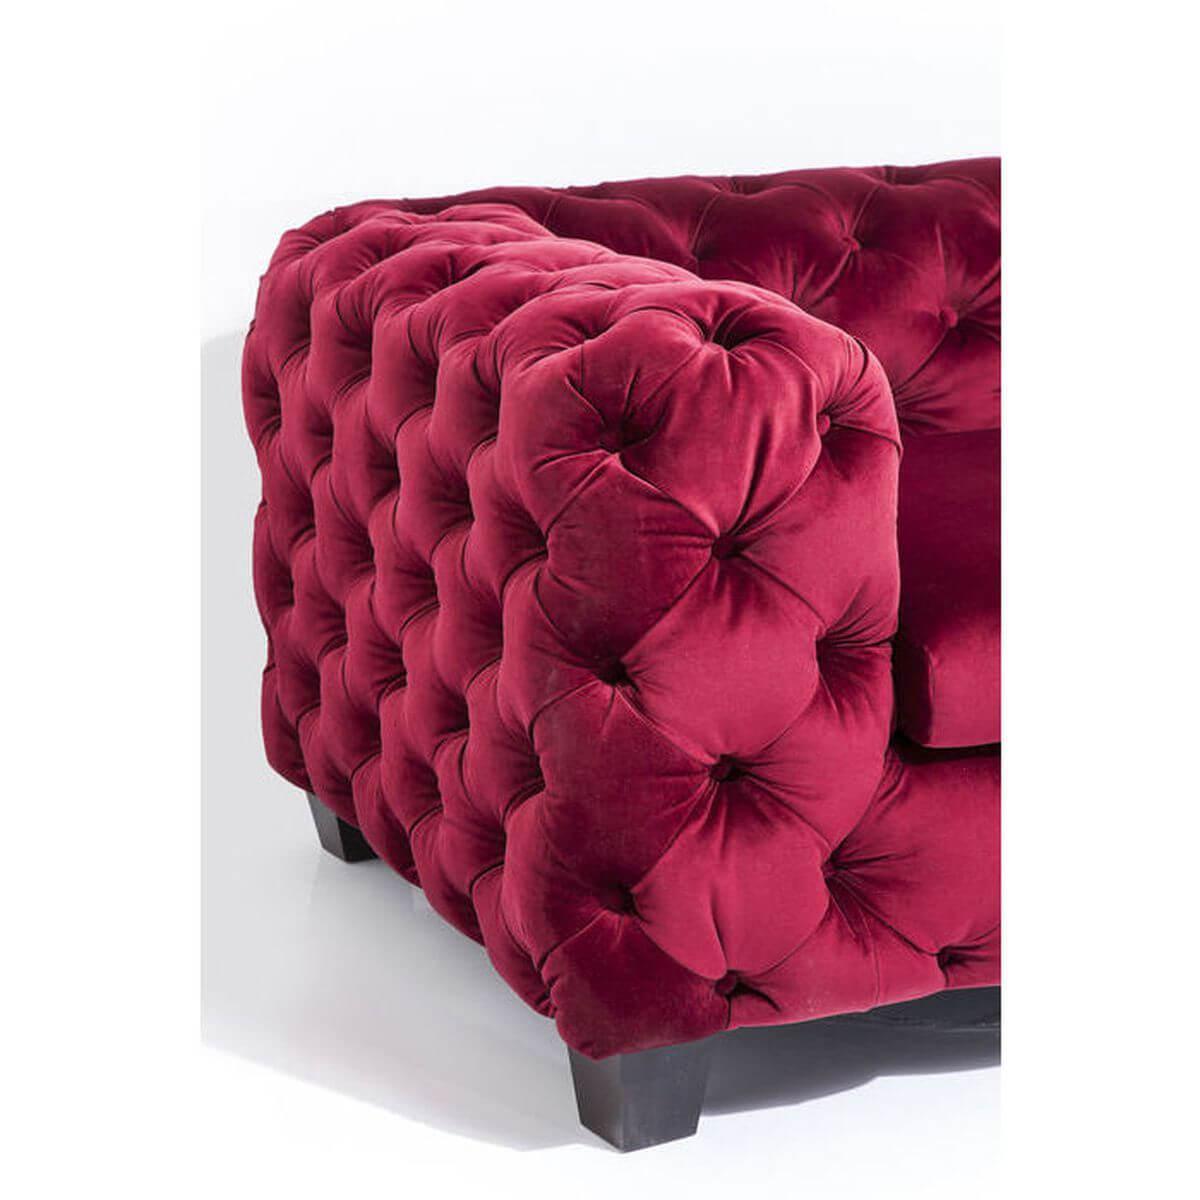 Canapé 3 places MY DESIRE Kare Design velvet rubis